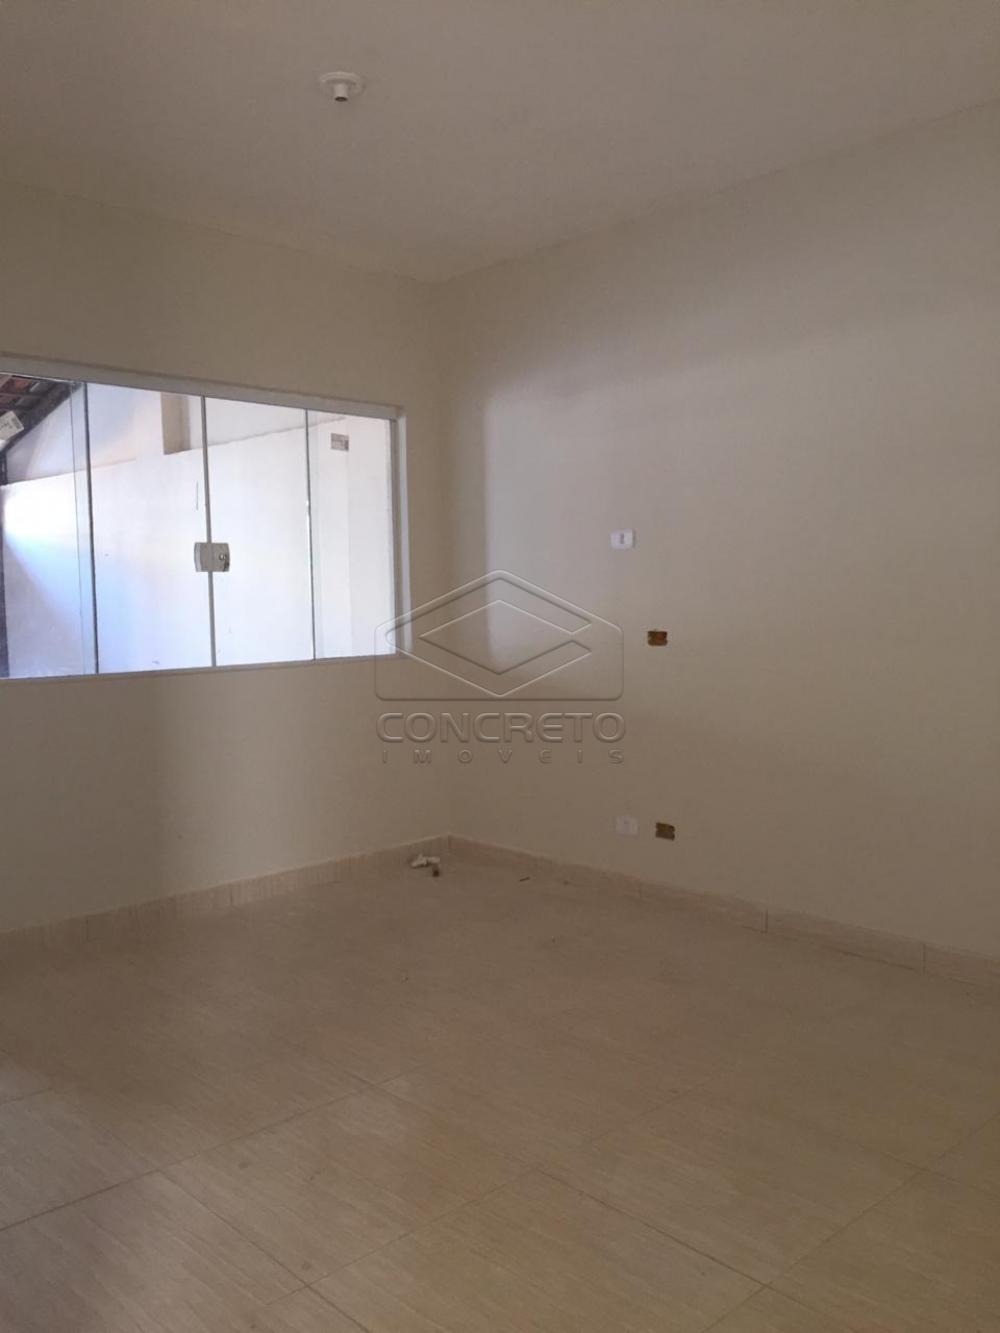 Comprar Casa / Padrão em Bauru apenas R$ 245.000,00 - Foto 4